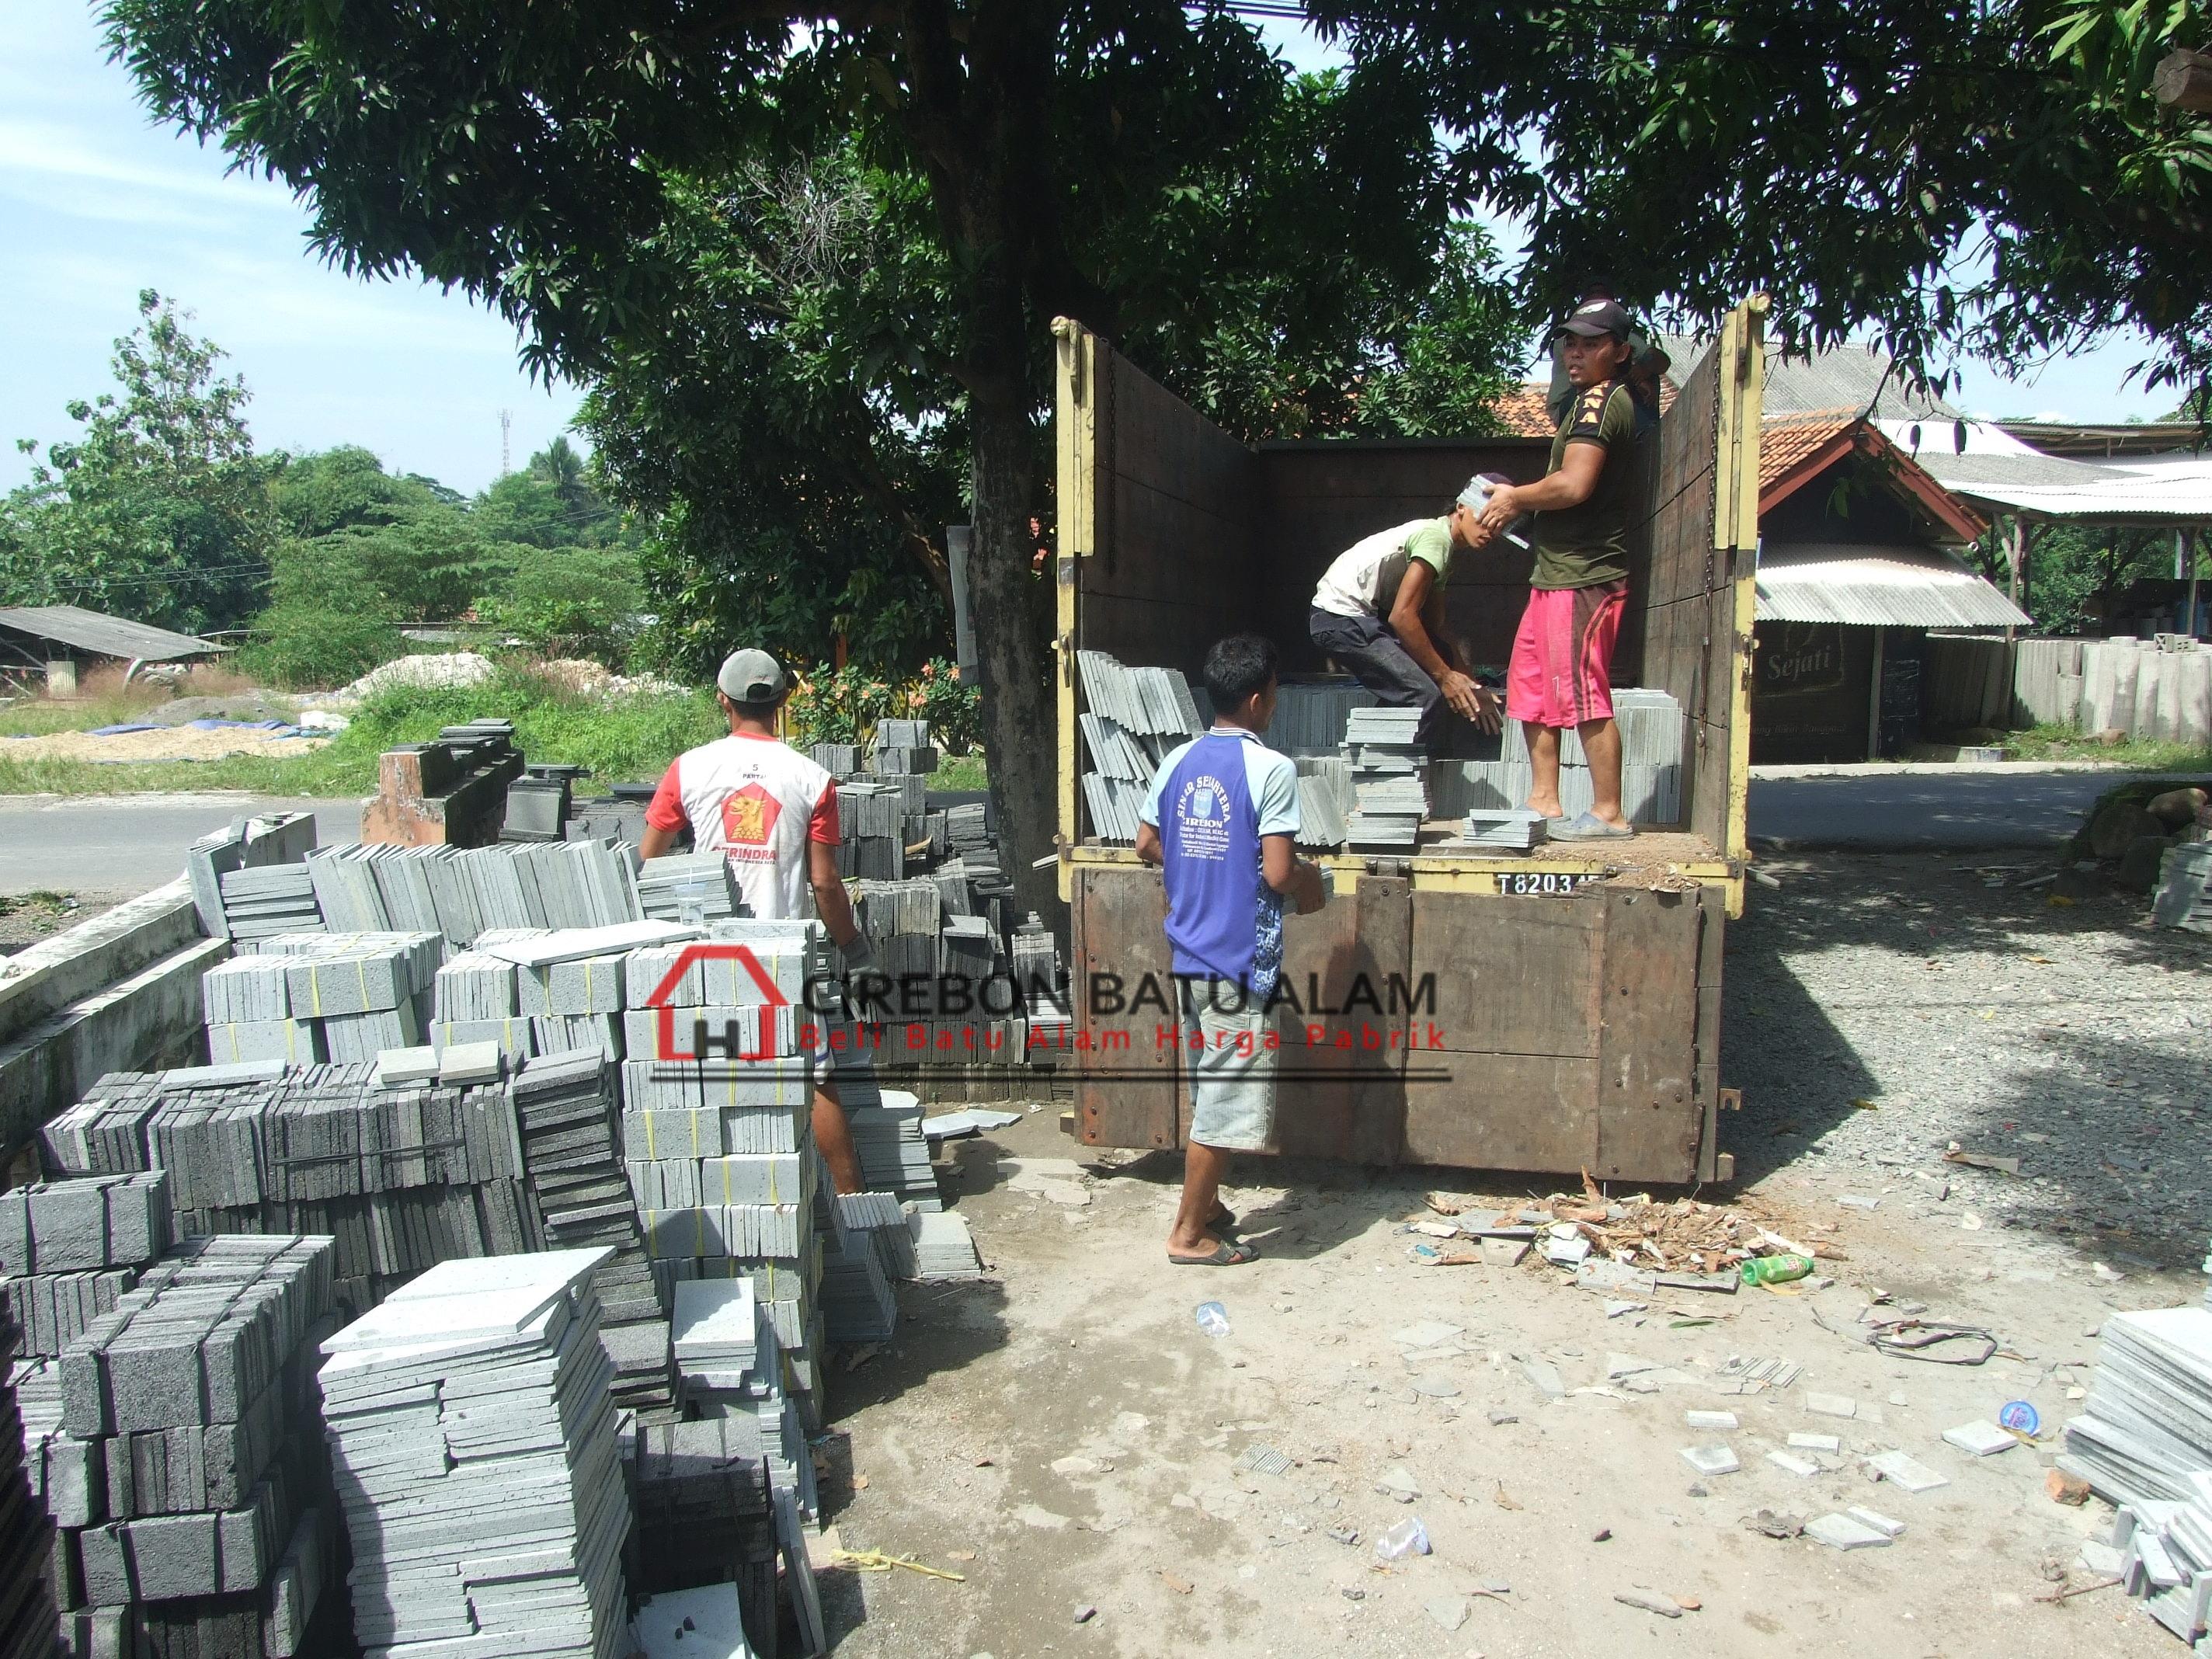 Proses pengiriman batu alam dan pengepokan batu alam di Pabrik Cirebon Batu Alam